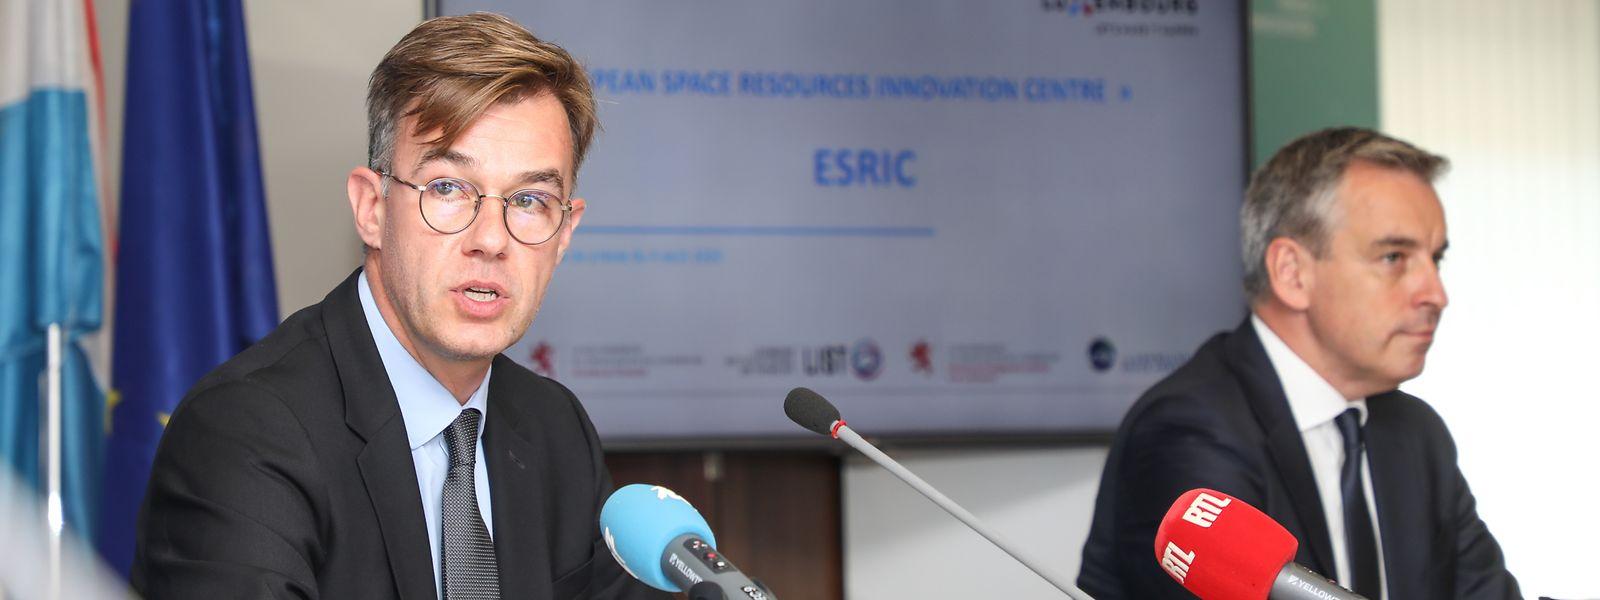 Avec un budget de 20 millions d'euros sur trois ans, l'ESRIC doit employer à terme 30 personnes, selon les données avancées mardi.